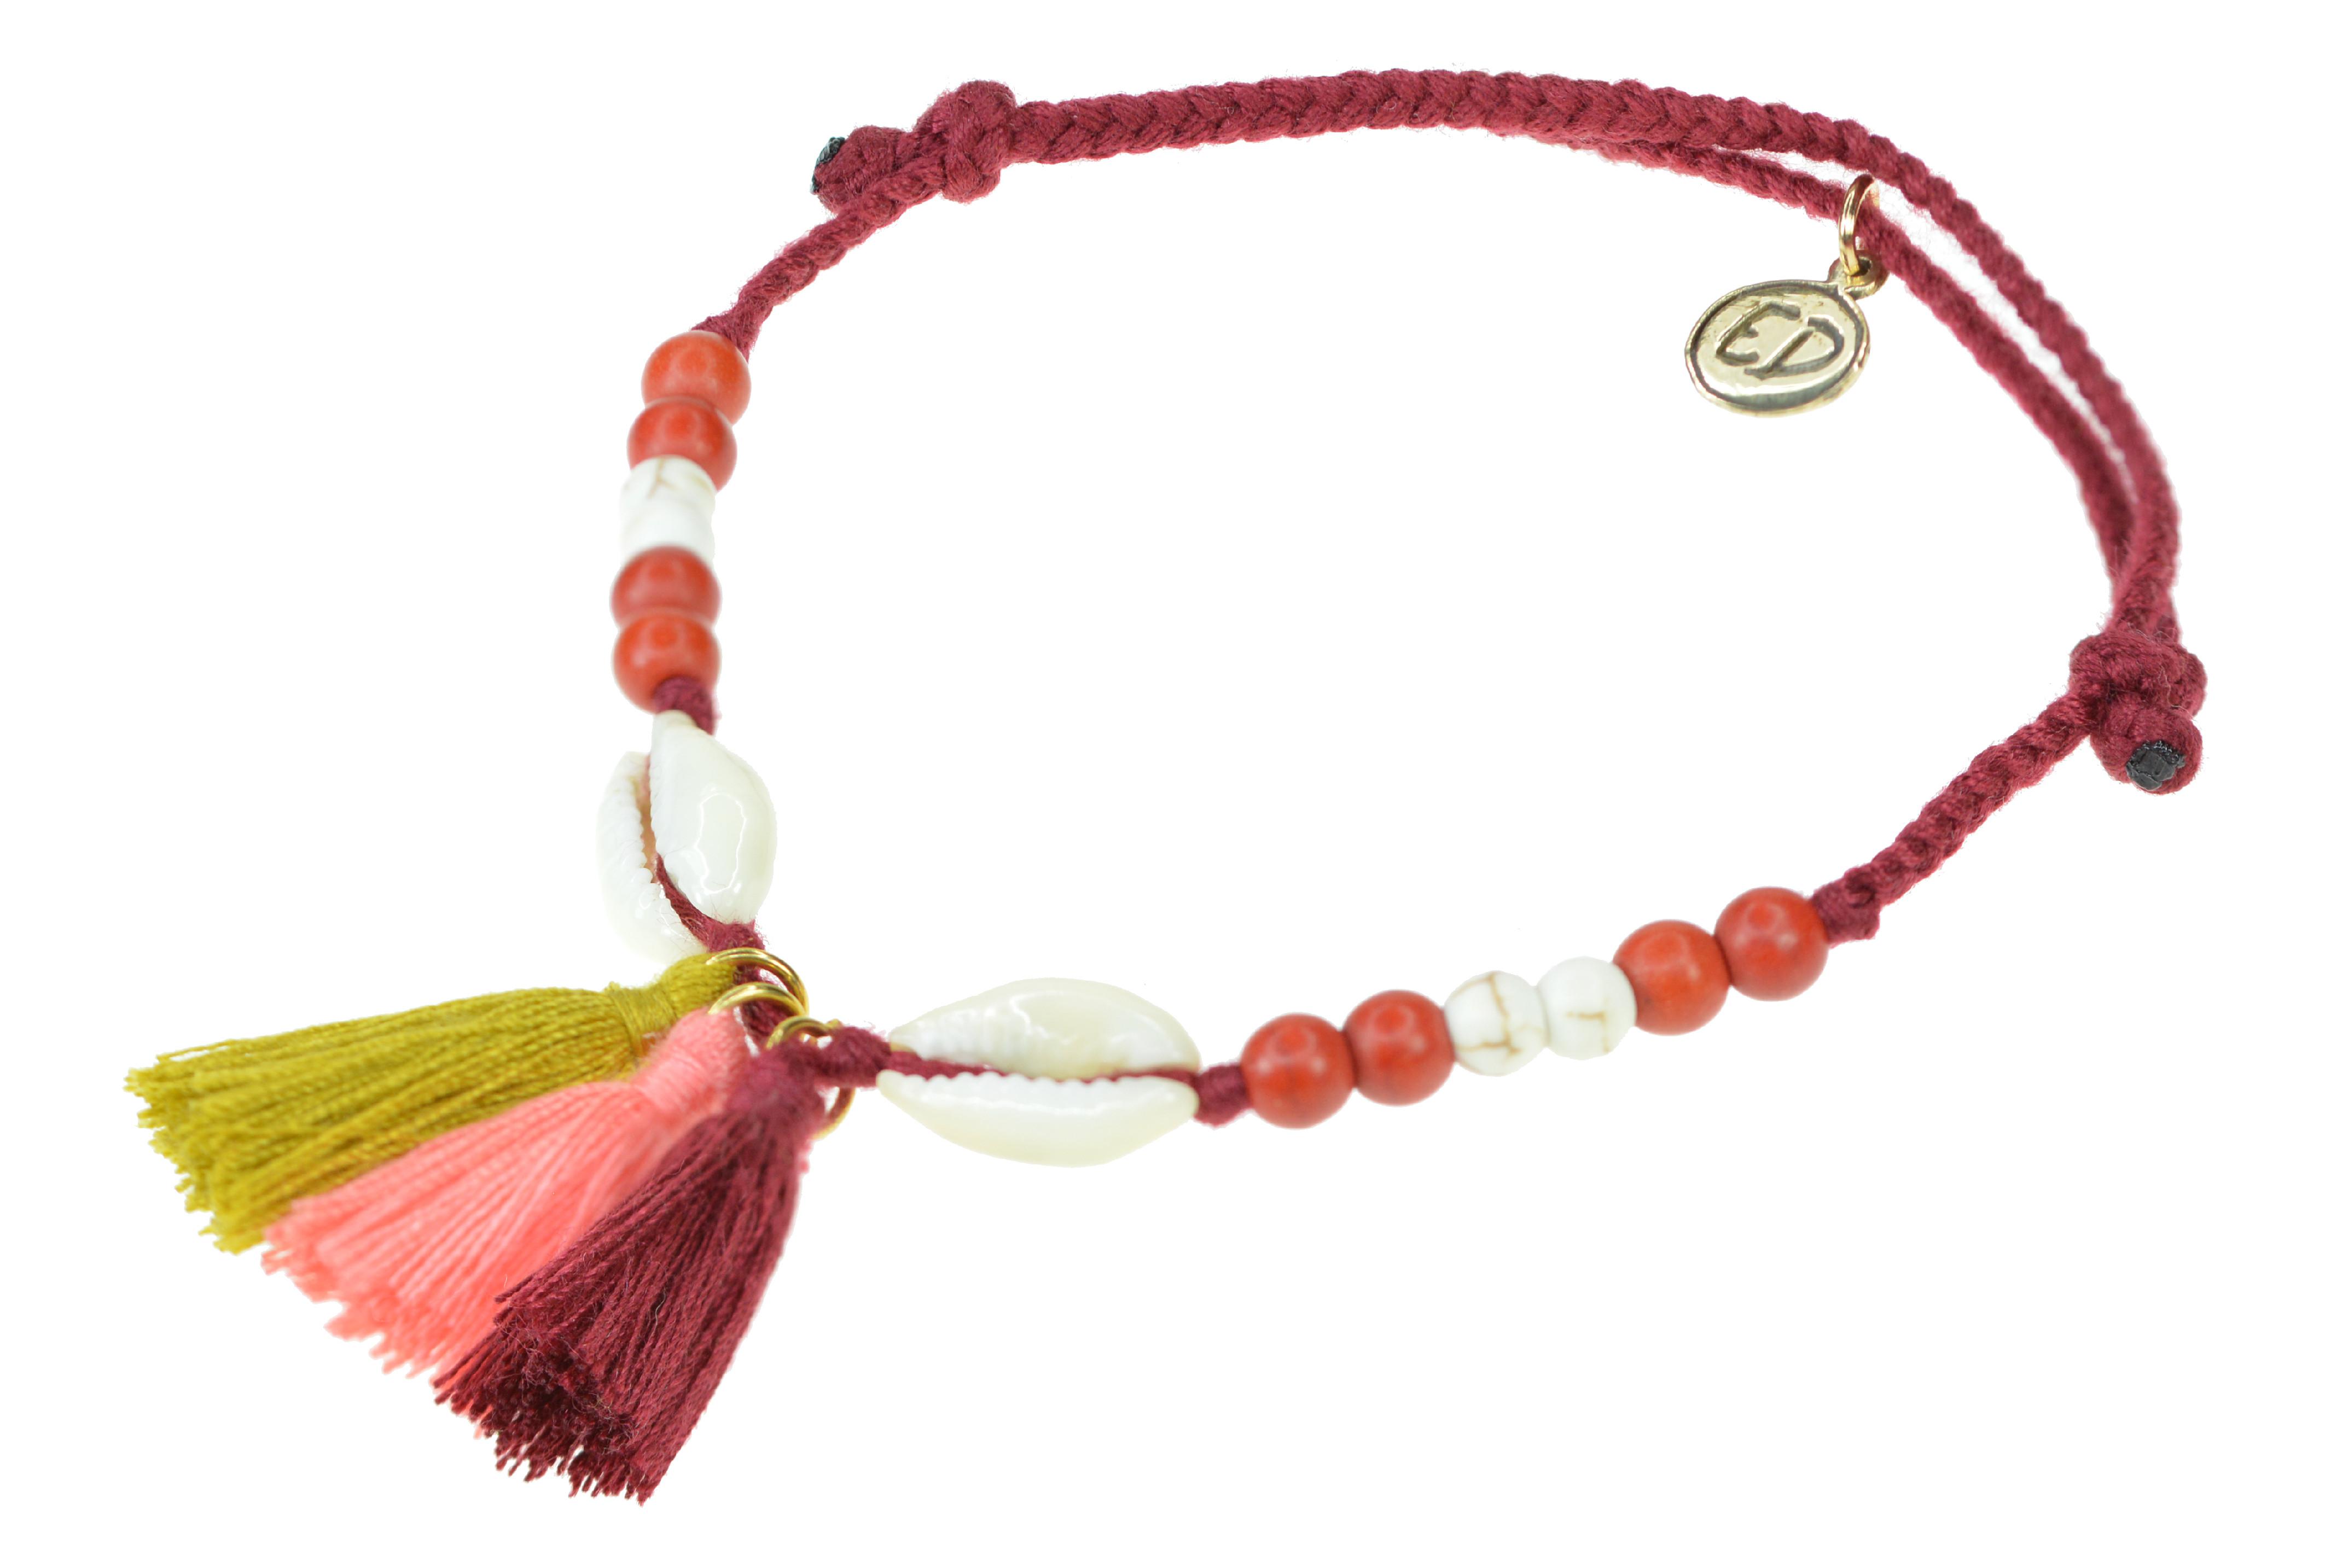 Dámsky pletený náramok s mušľami a strapcami - červený